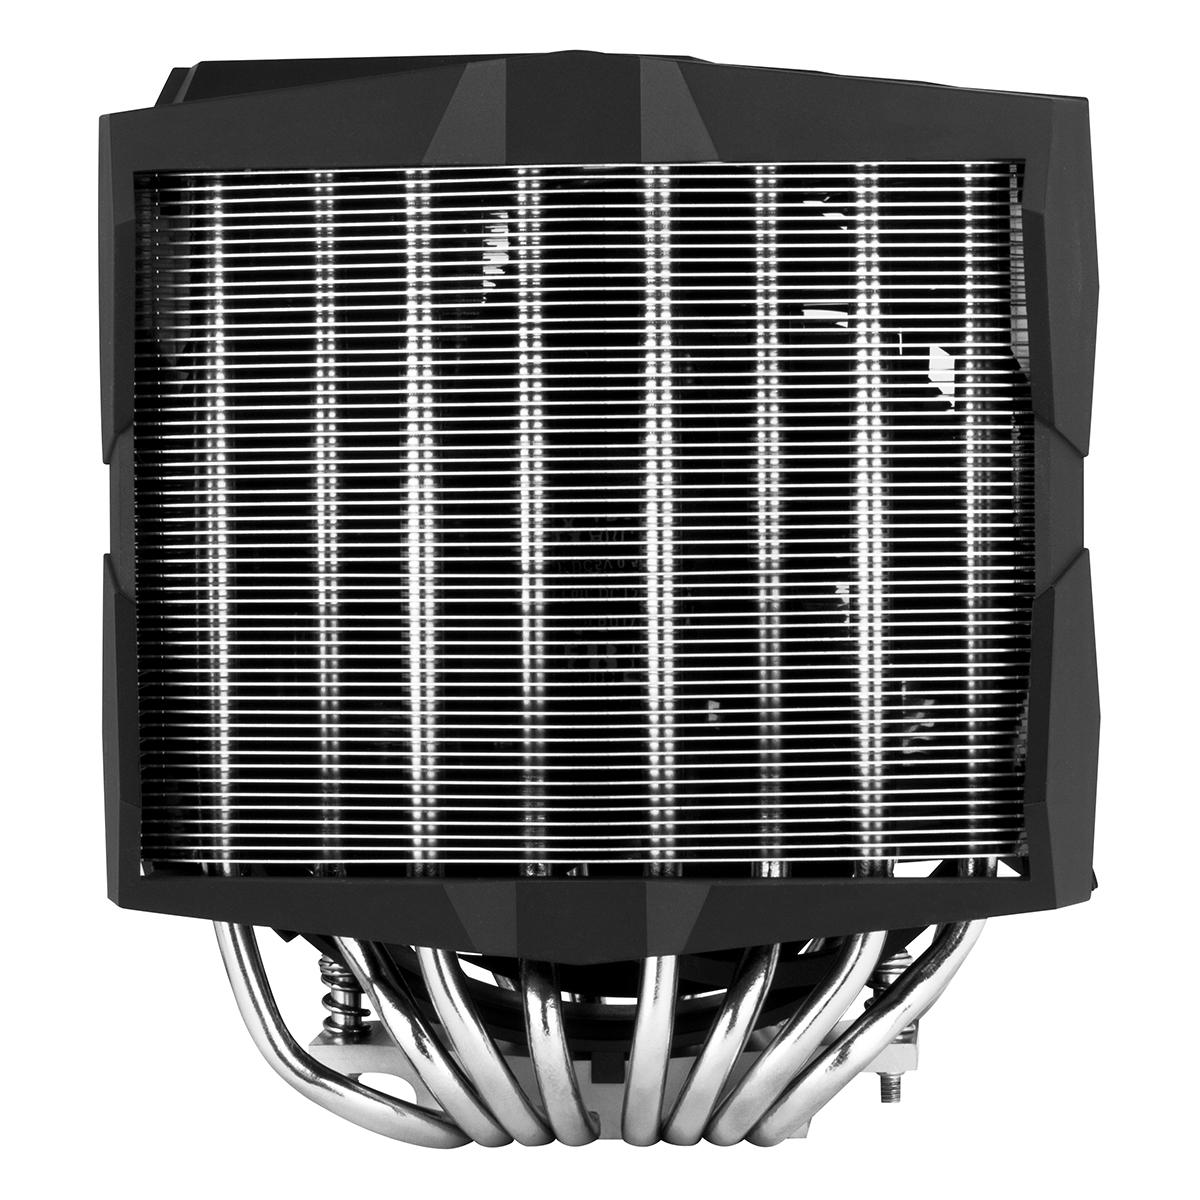 Dual Tower CPU-Kühler für AMD Ryzen™ Threadripper™ ARCTIC Freezer 50 TR Rückansicht